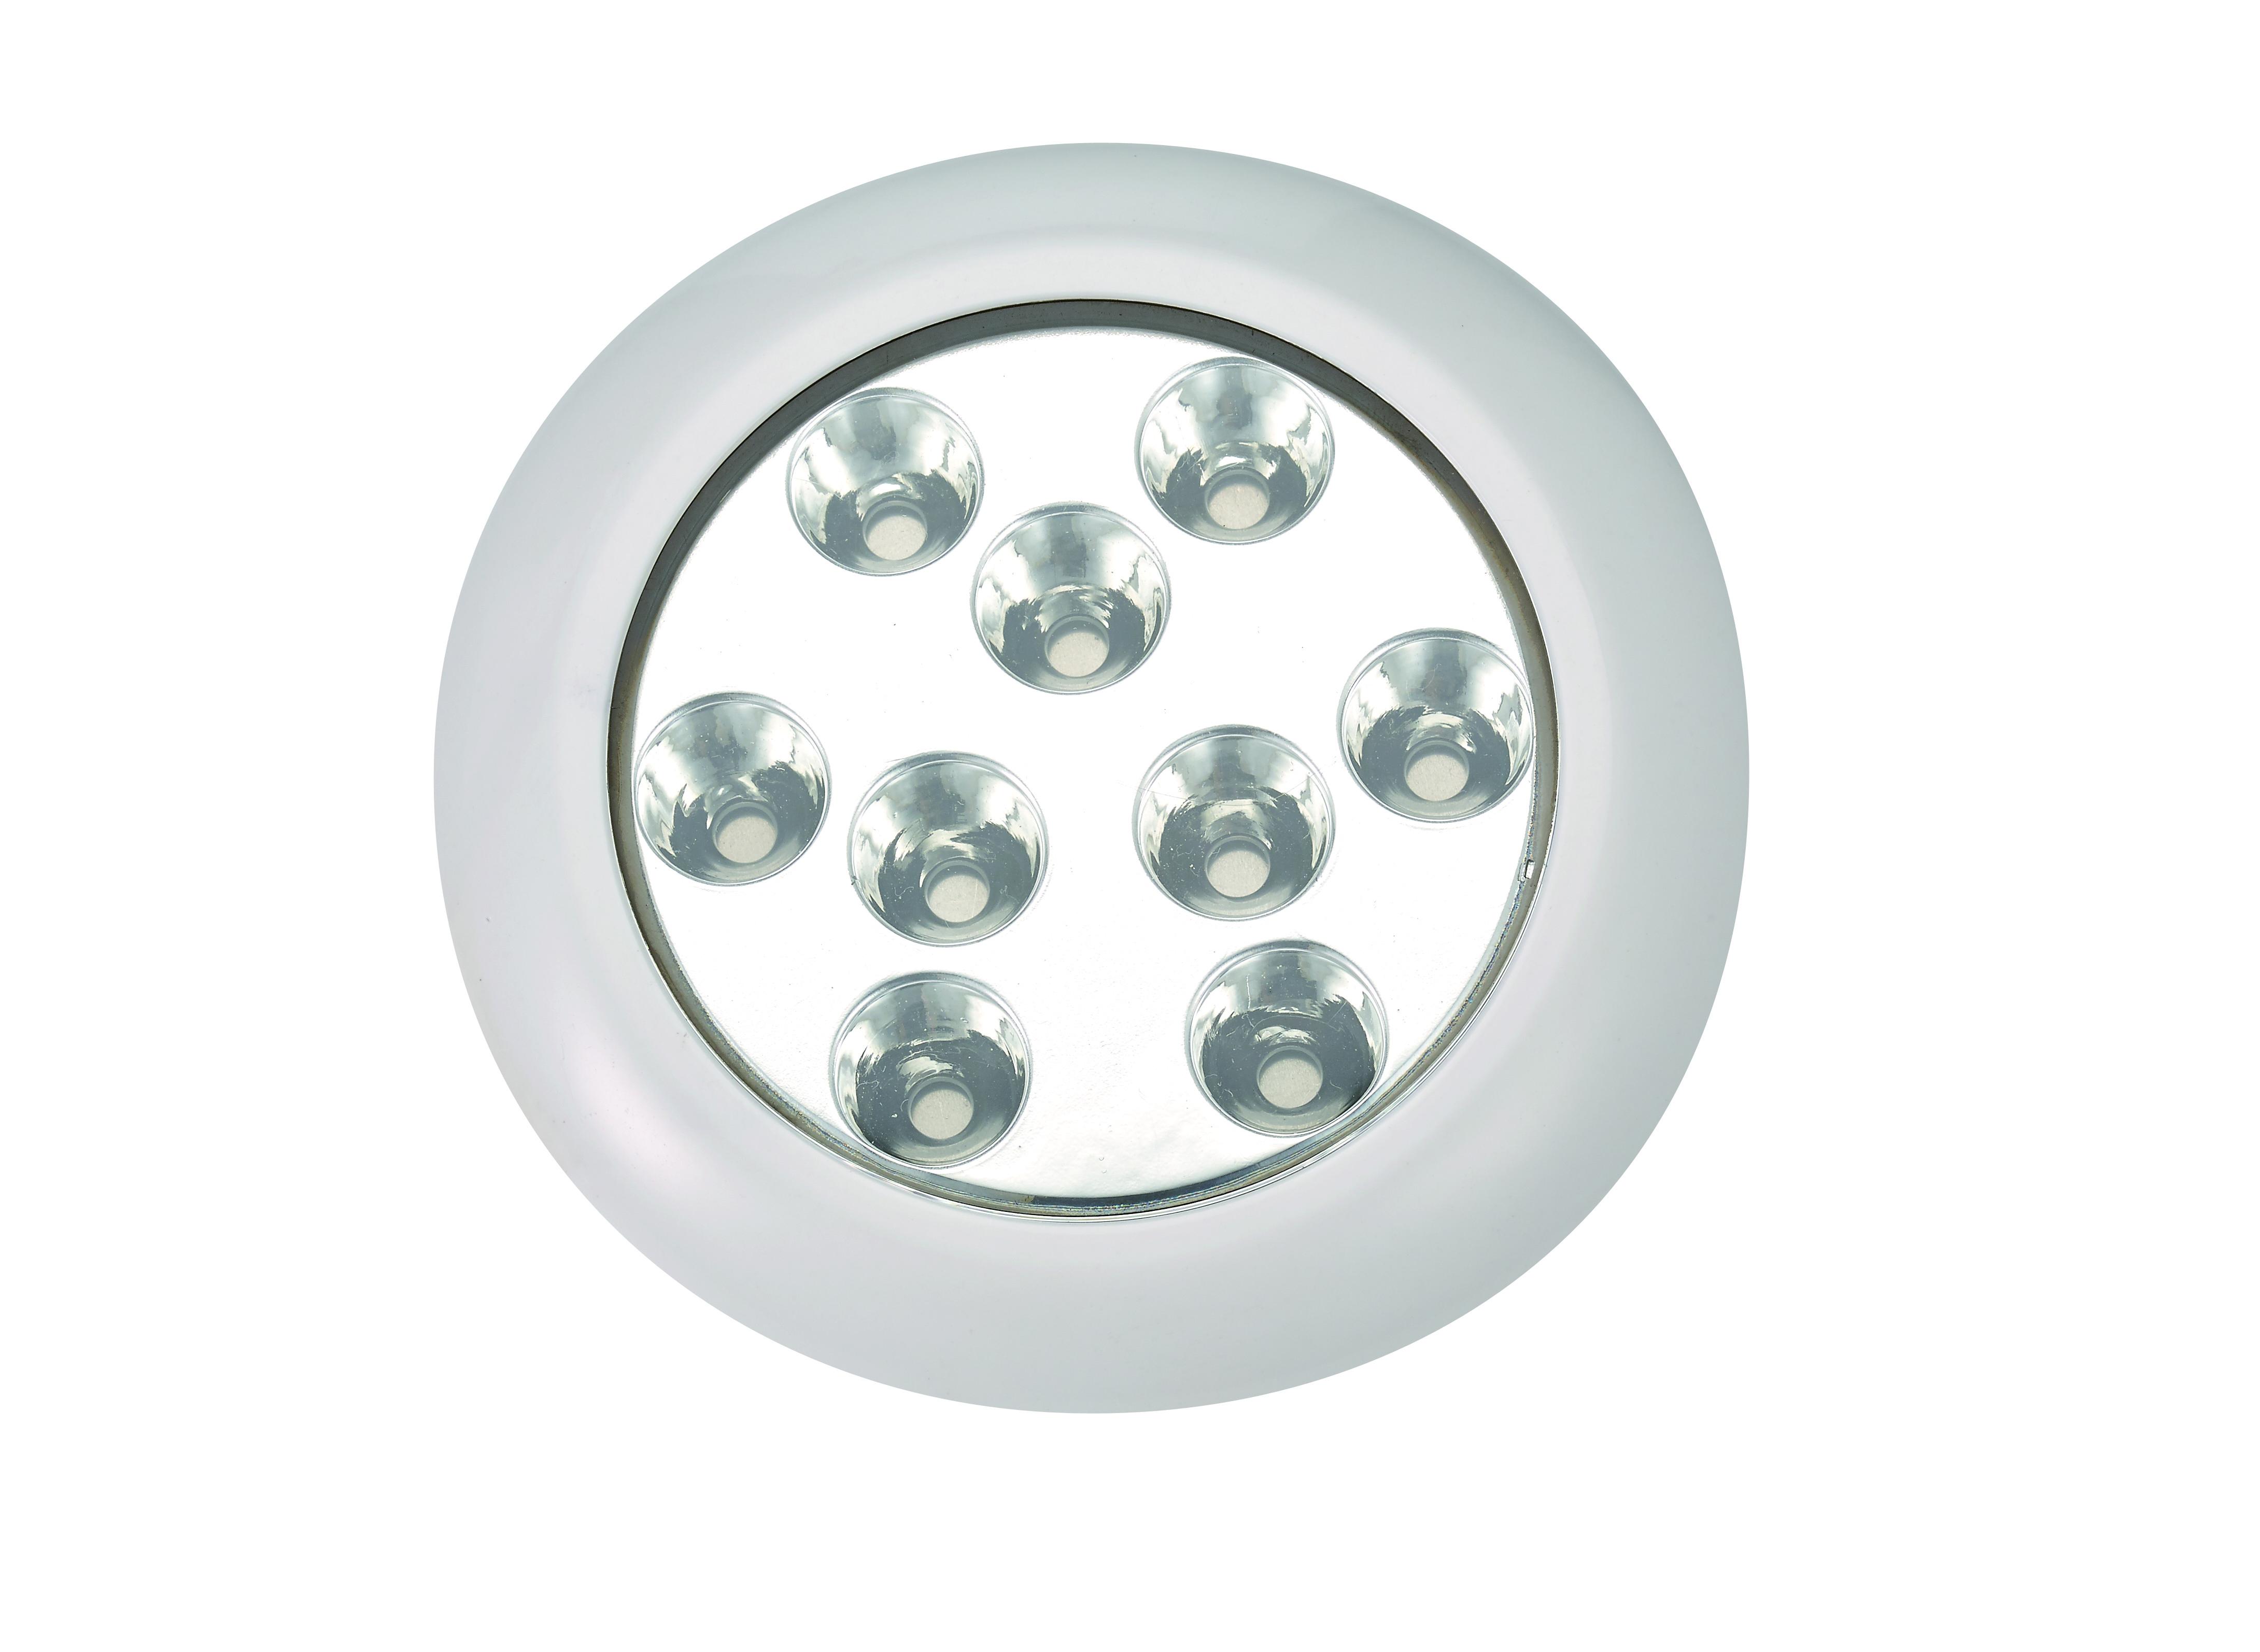 77.08 - Φως LED Αδιάβροχο / Υποβρύχιο IP68 Λευκό